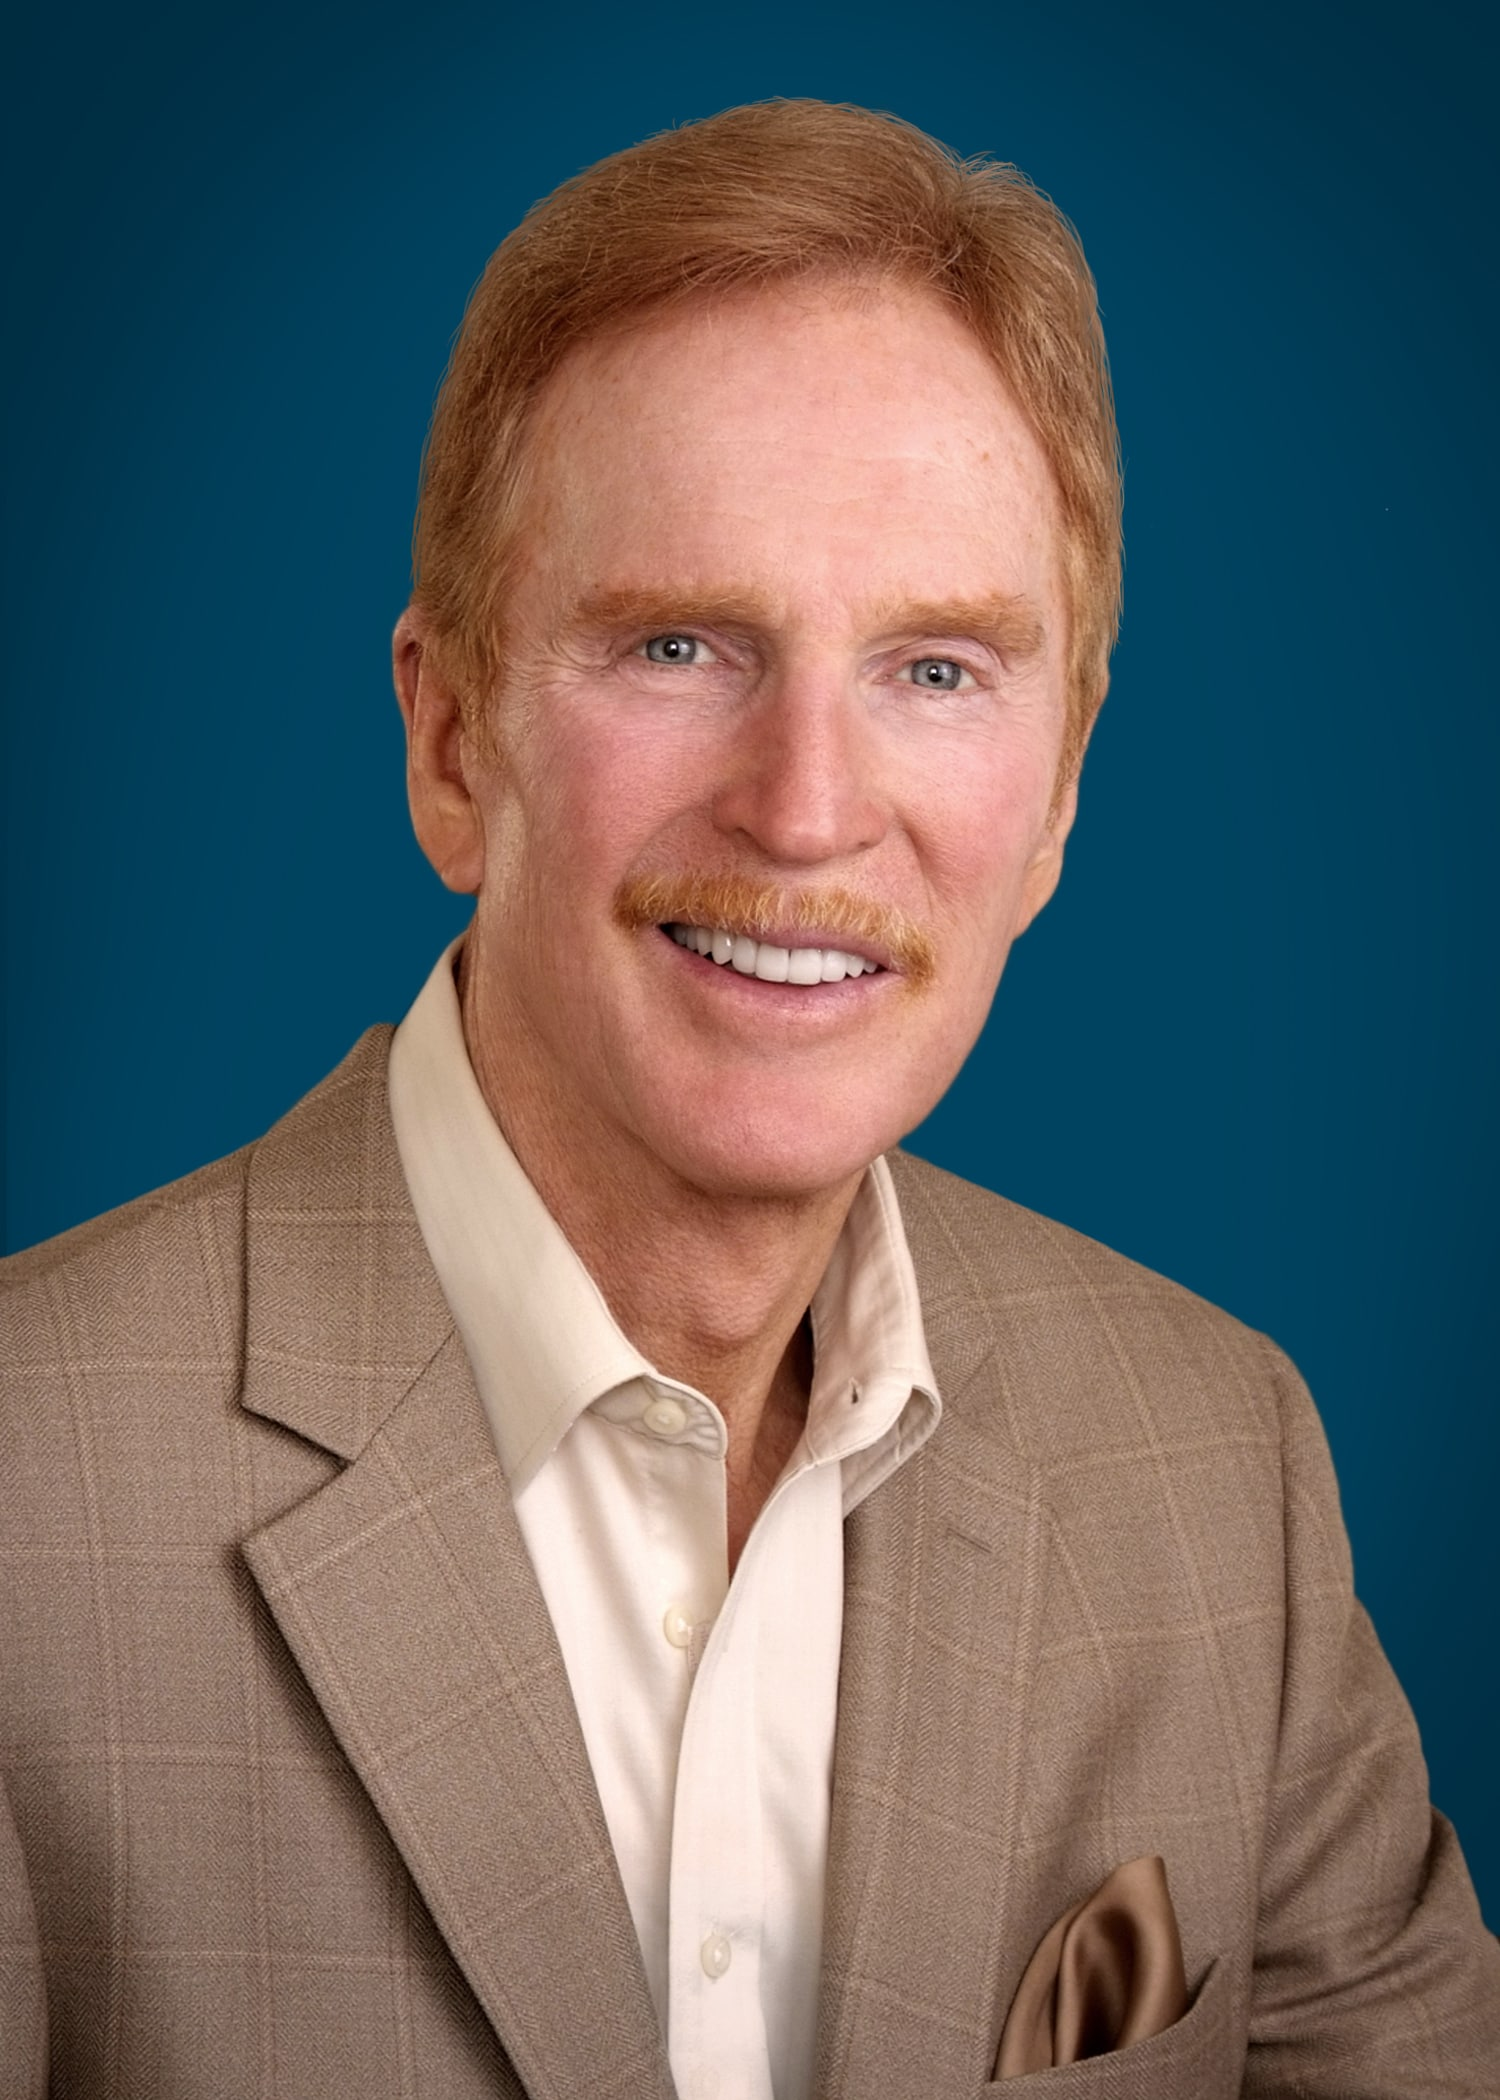 Michael Houlihan Professional